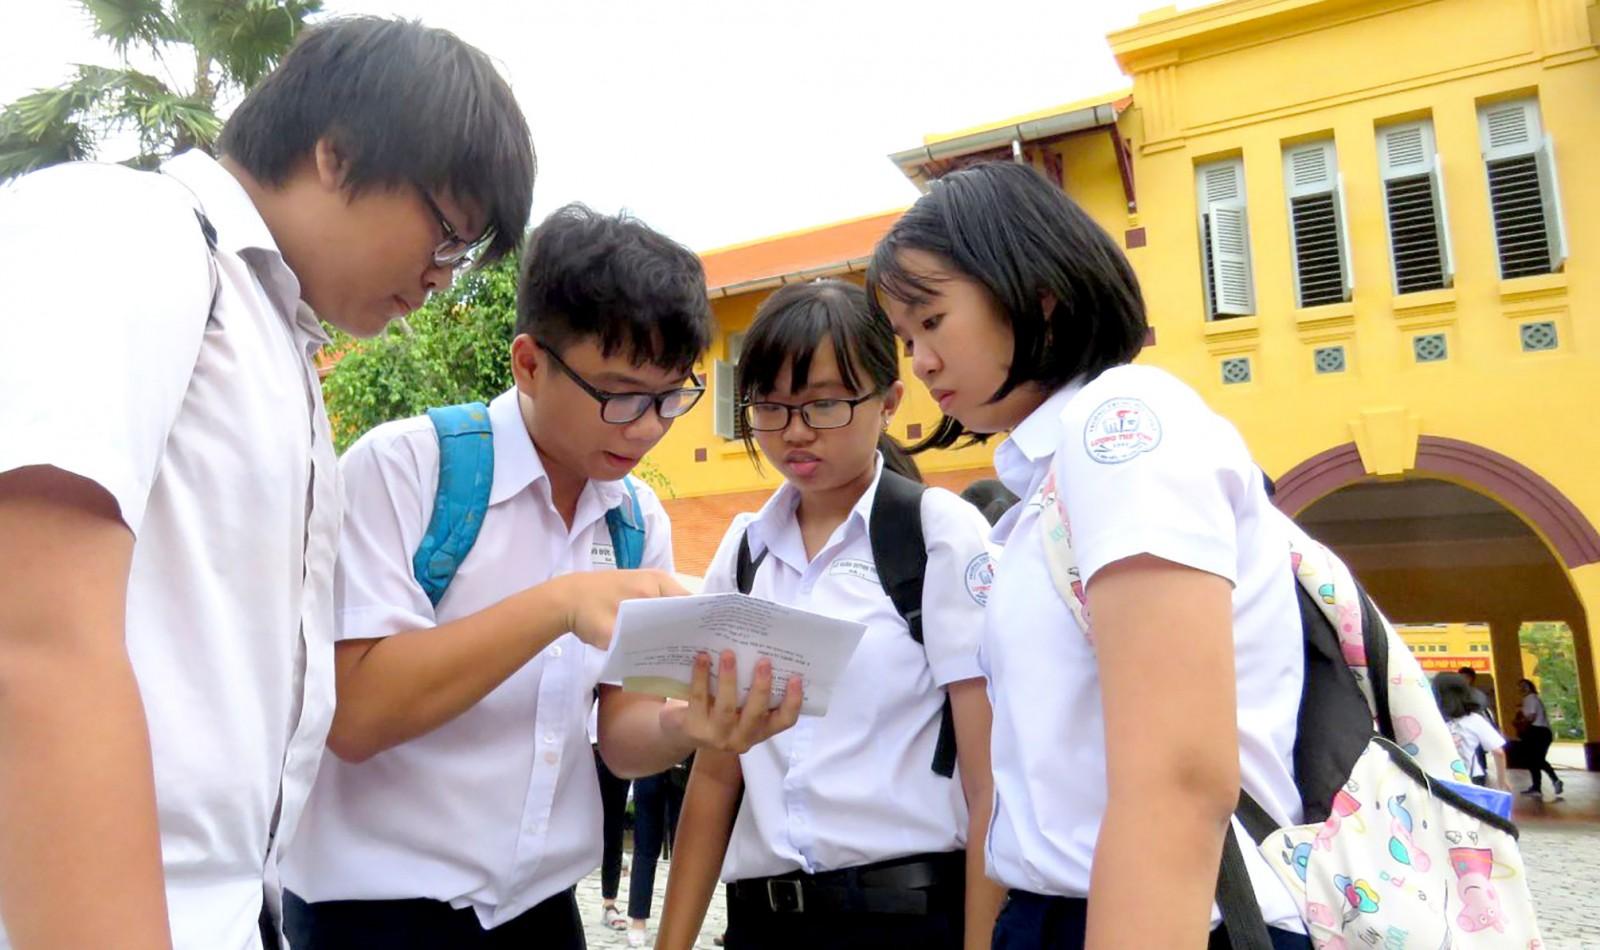 Thí sinh trao đổi bài thi, sau giờ thi môn Ngữ văn, tại điểm thi Trường THPT Châu Văn Liêm.